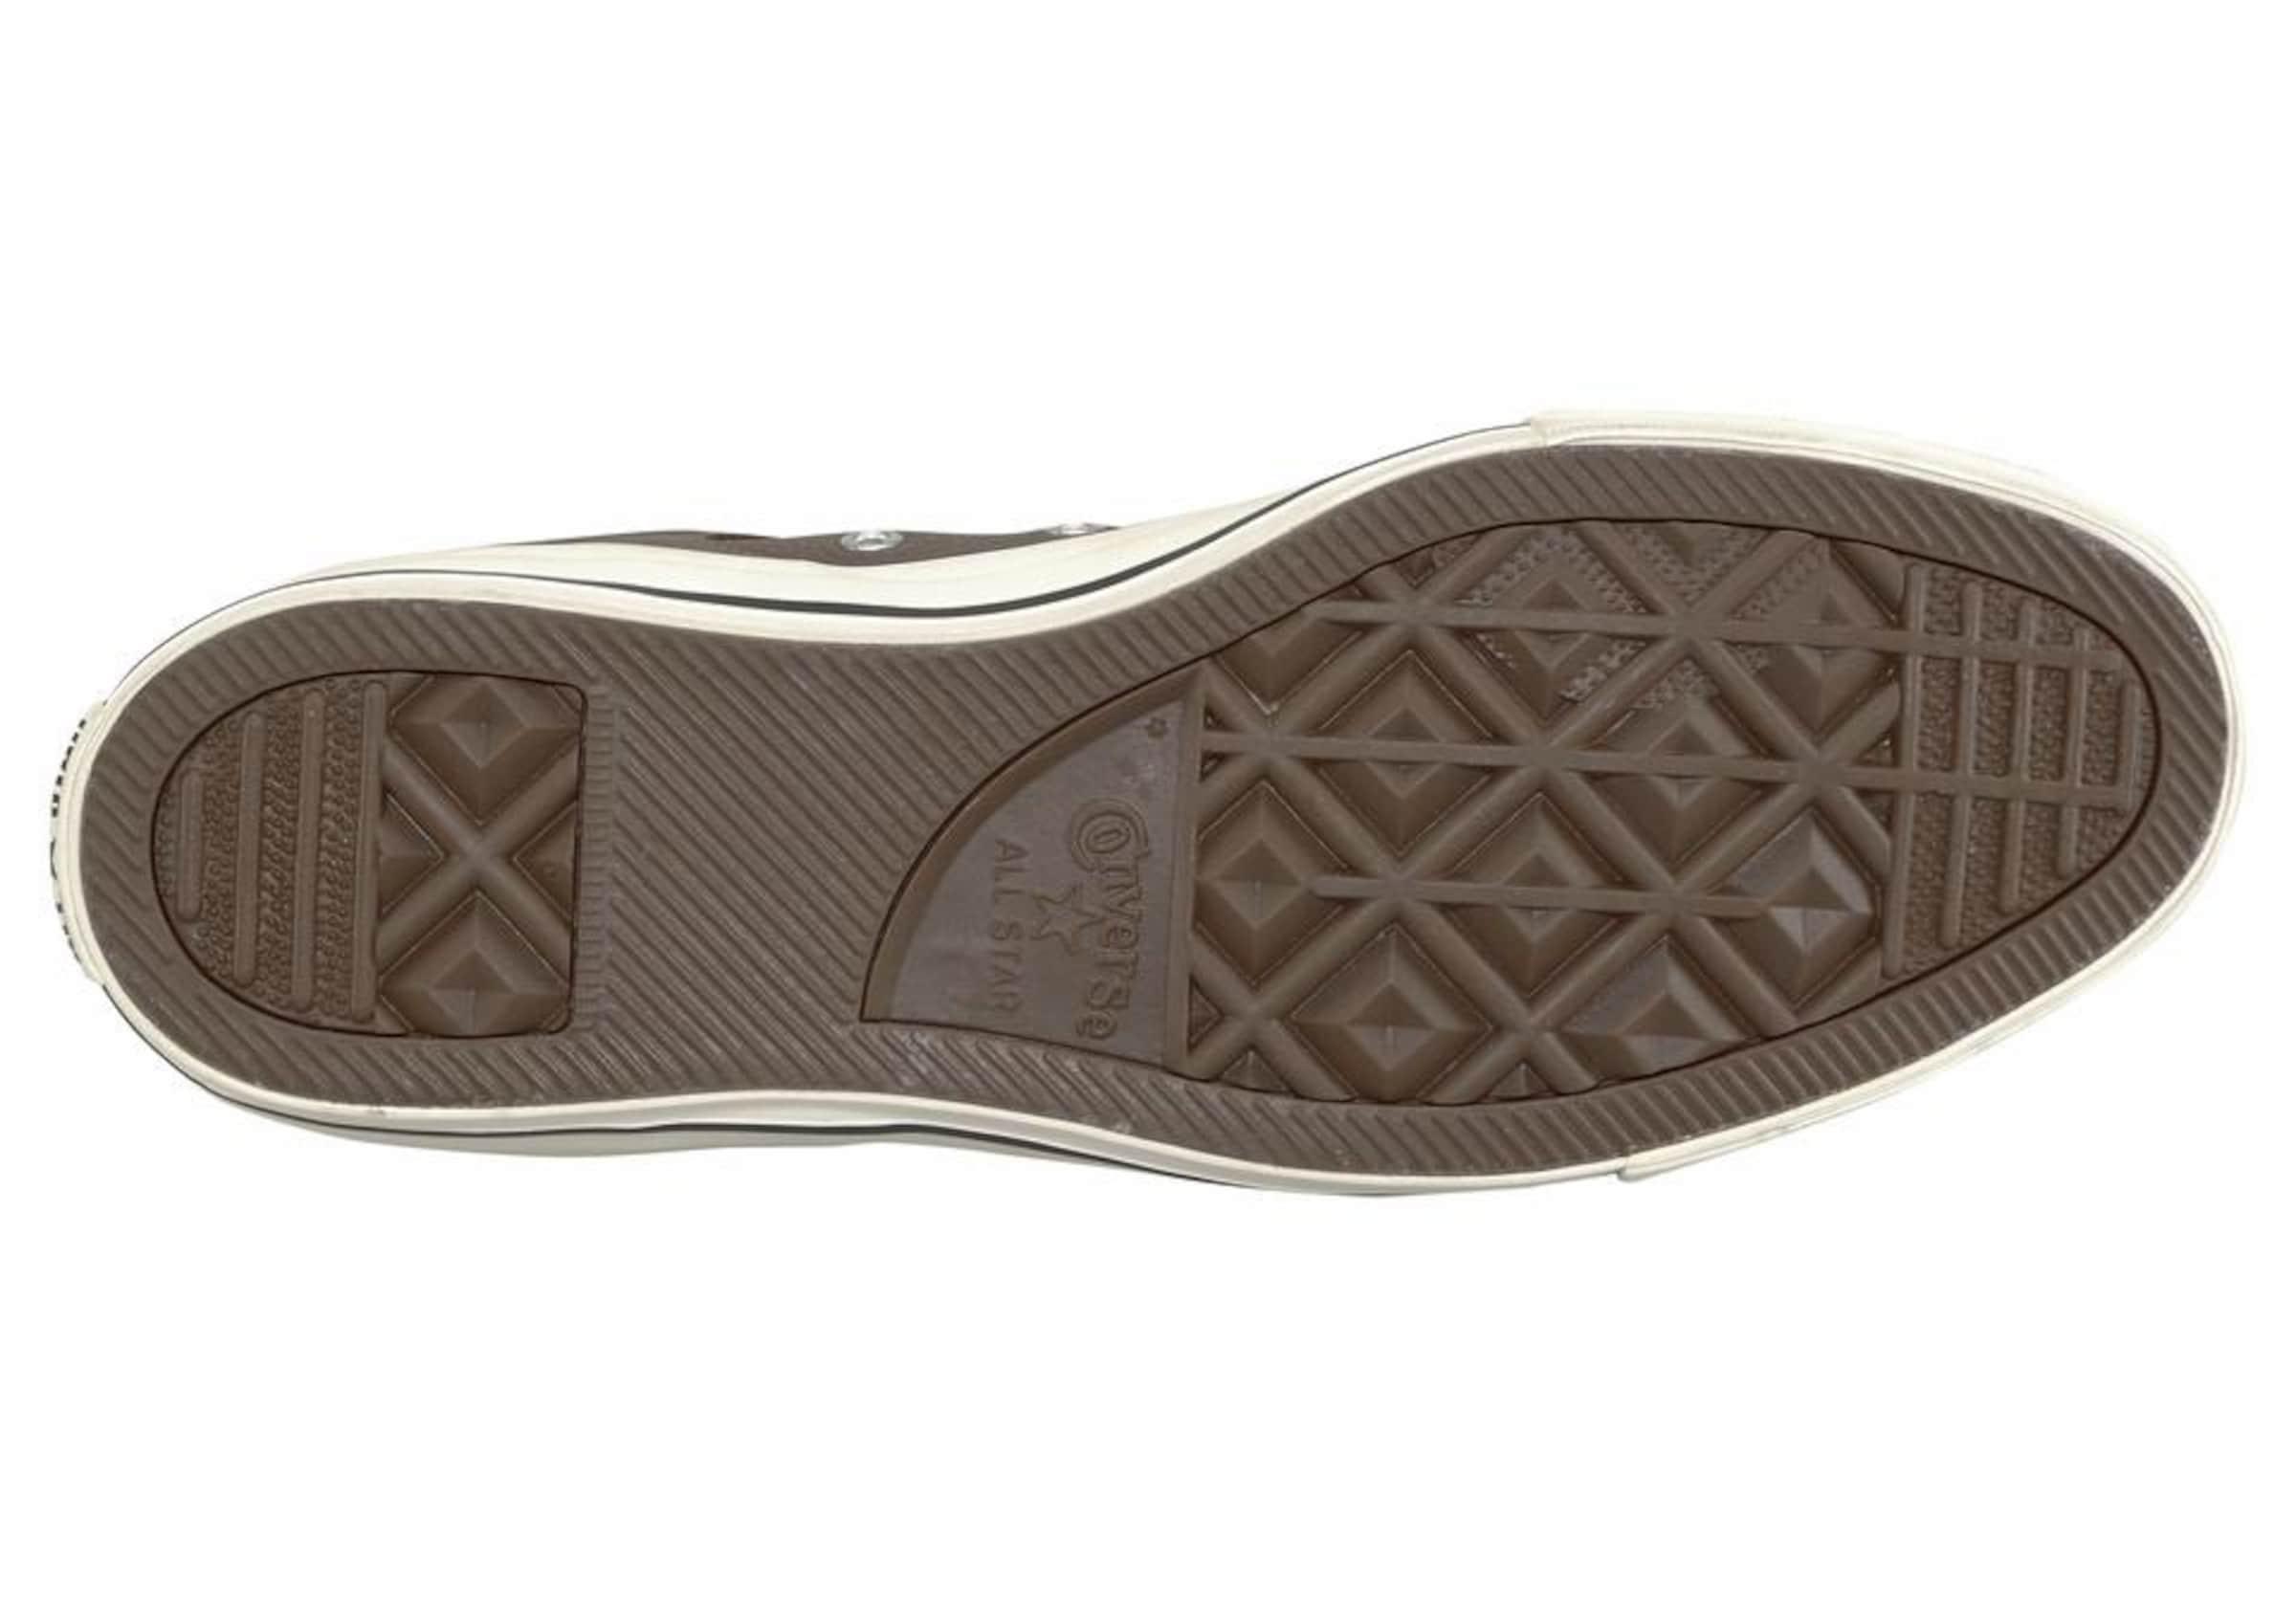 CONVERSE Chuck Taylor All Star High Street OX Sneaker Auf Dem Laufenden Shop Online-Verkauf Erstaunlicher Preis 44eKo0f2mB